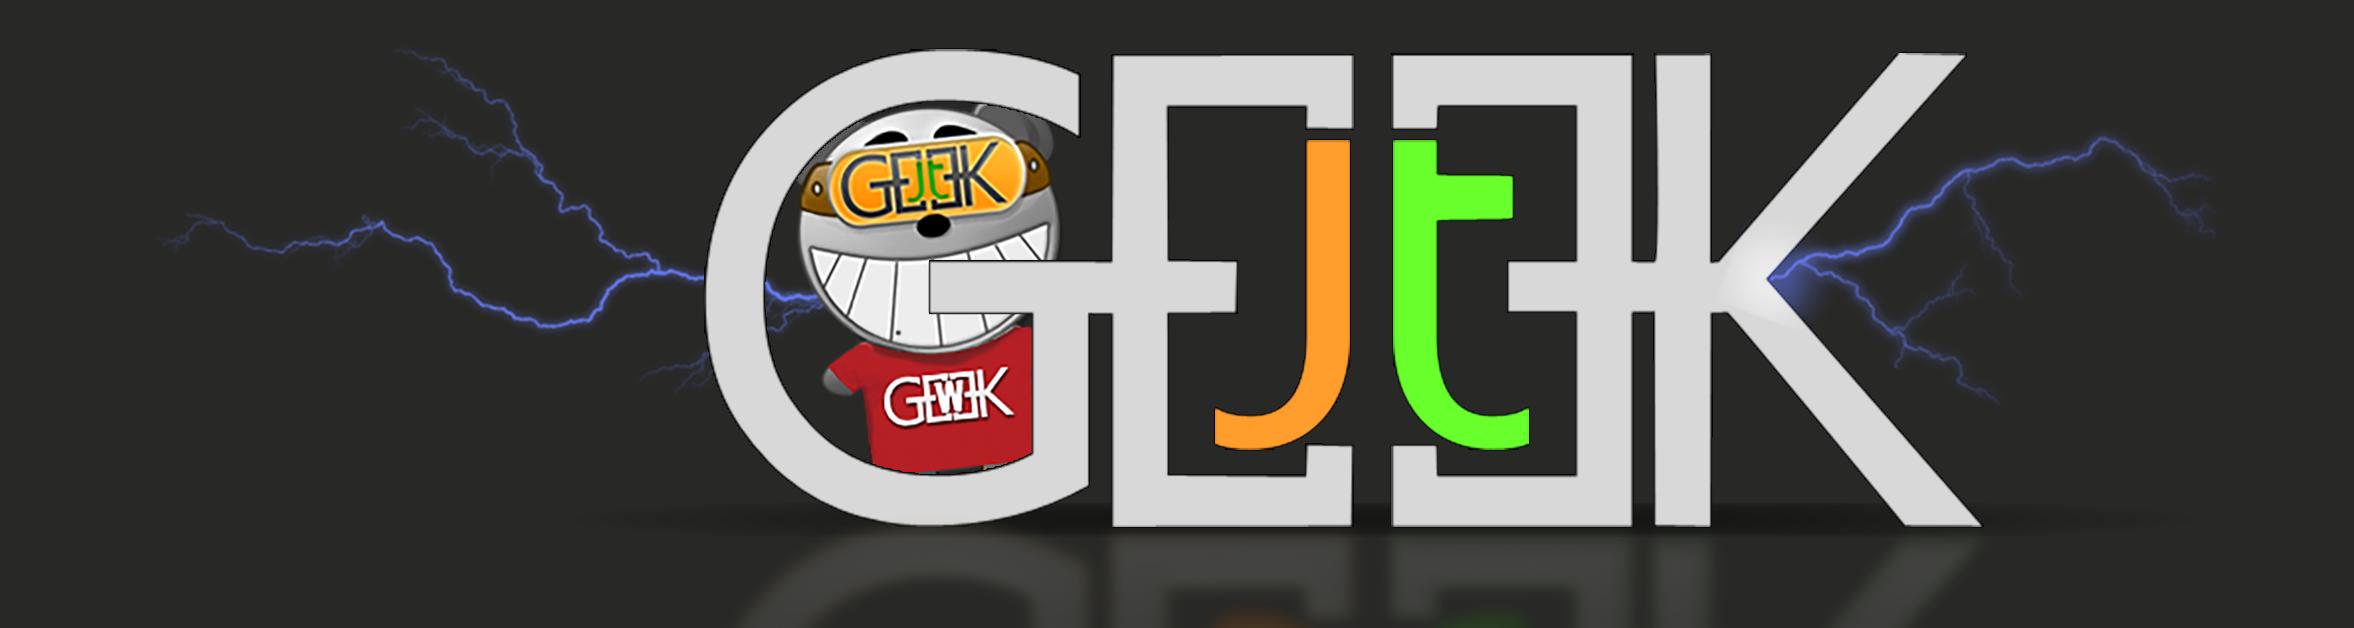 JT Geek